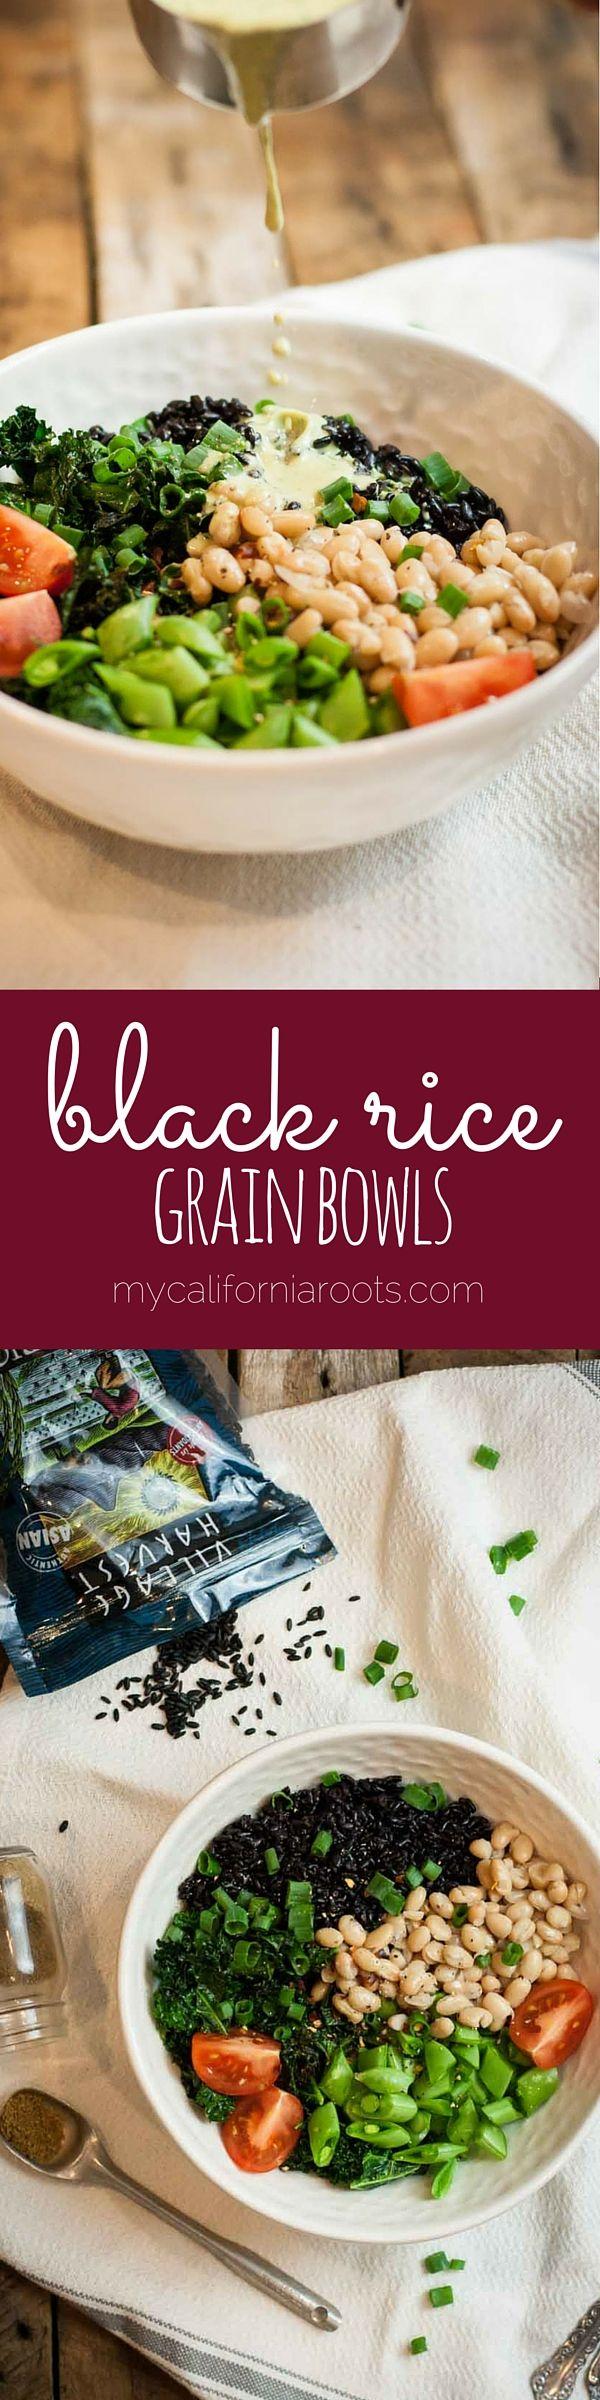 see more mushroom fennel quinoa stuffing skinnytaste skinnytaste com ...